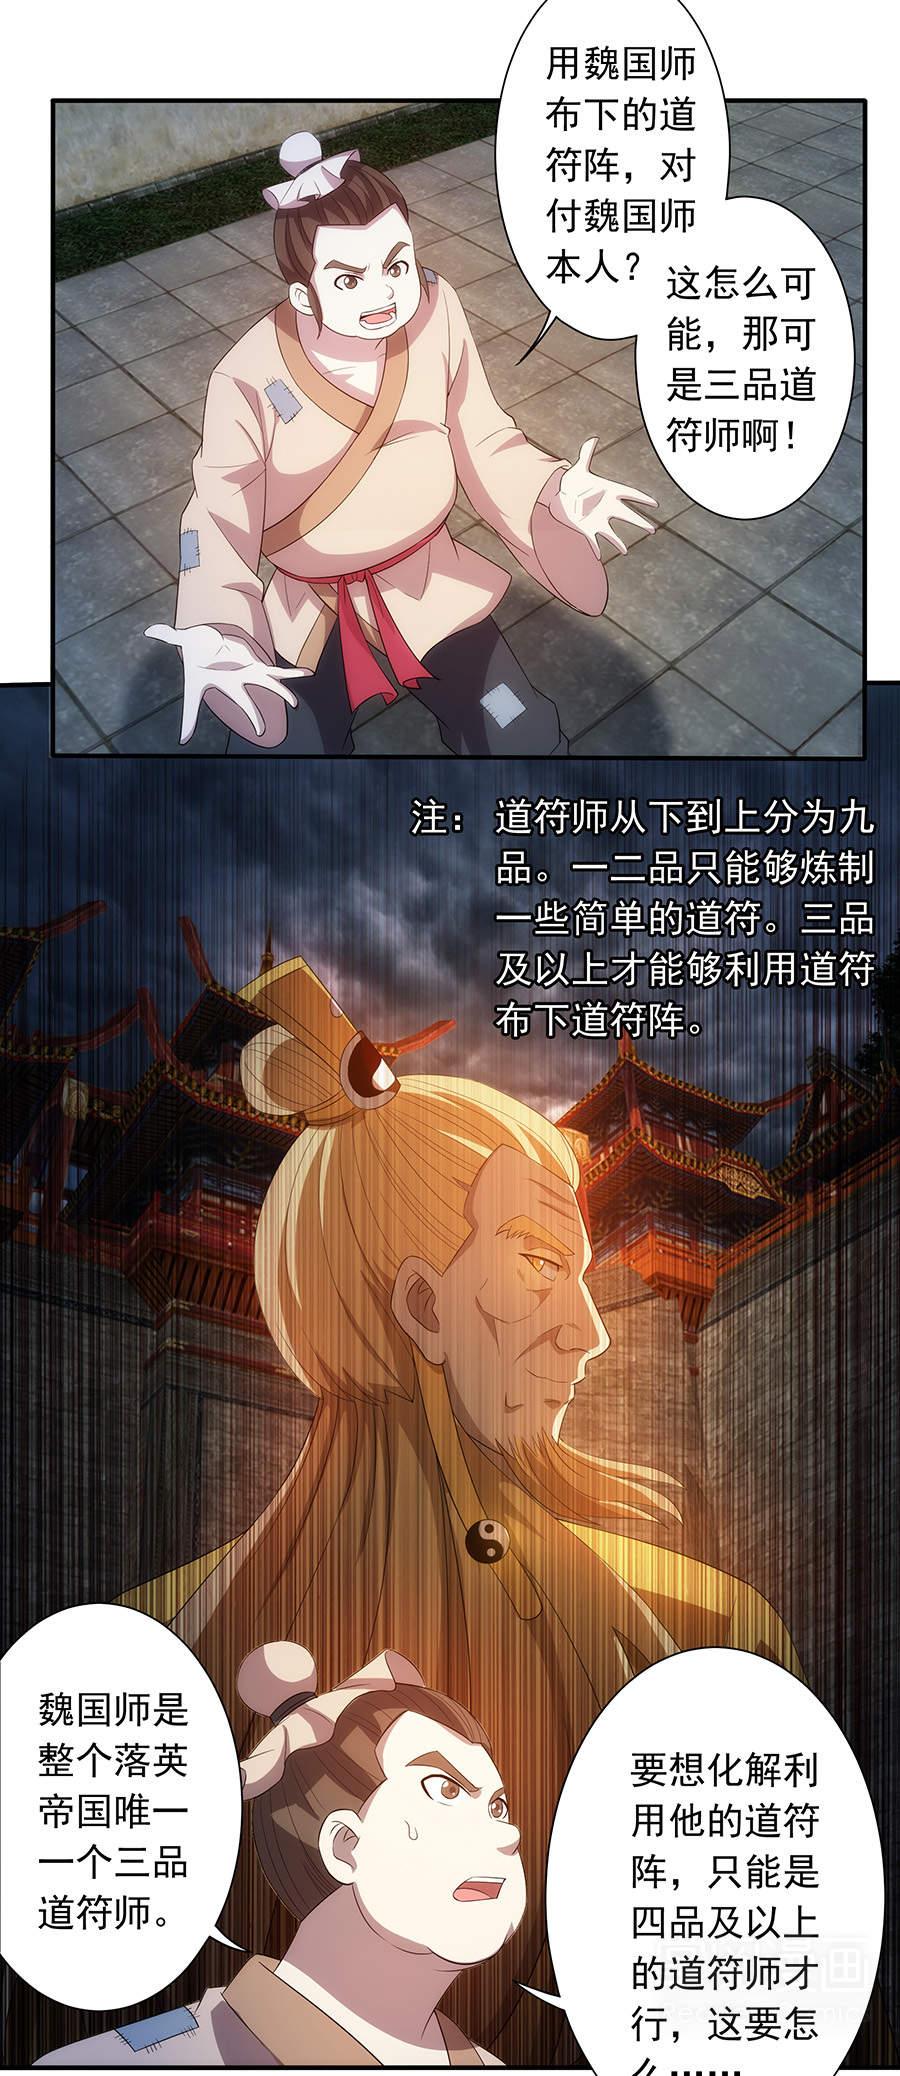 绝世剑神第10话  智破杀阵 第 4